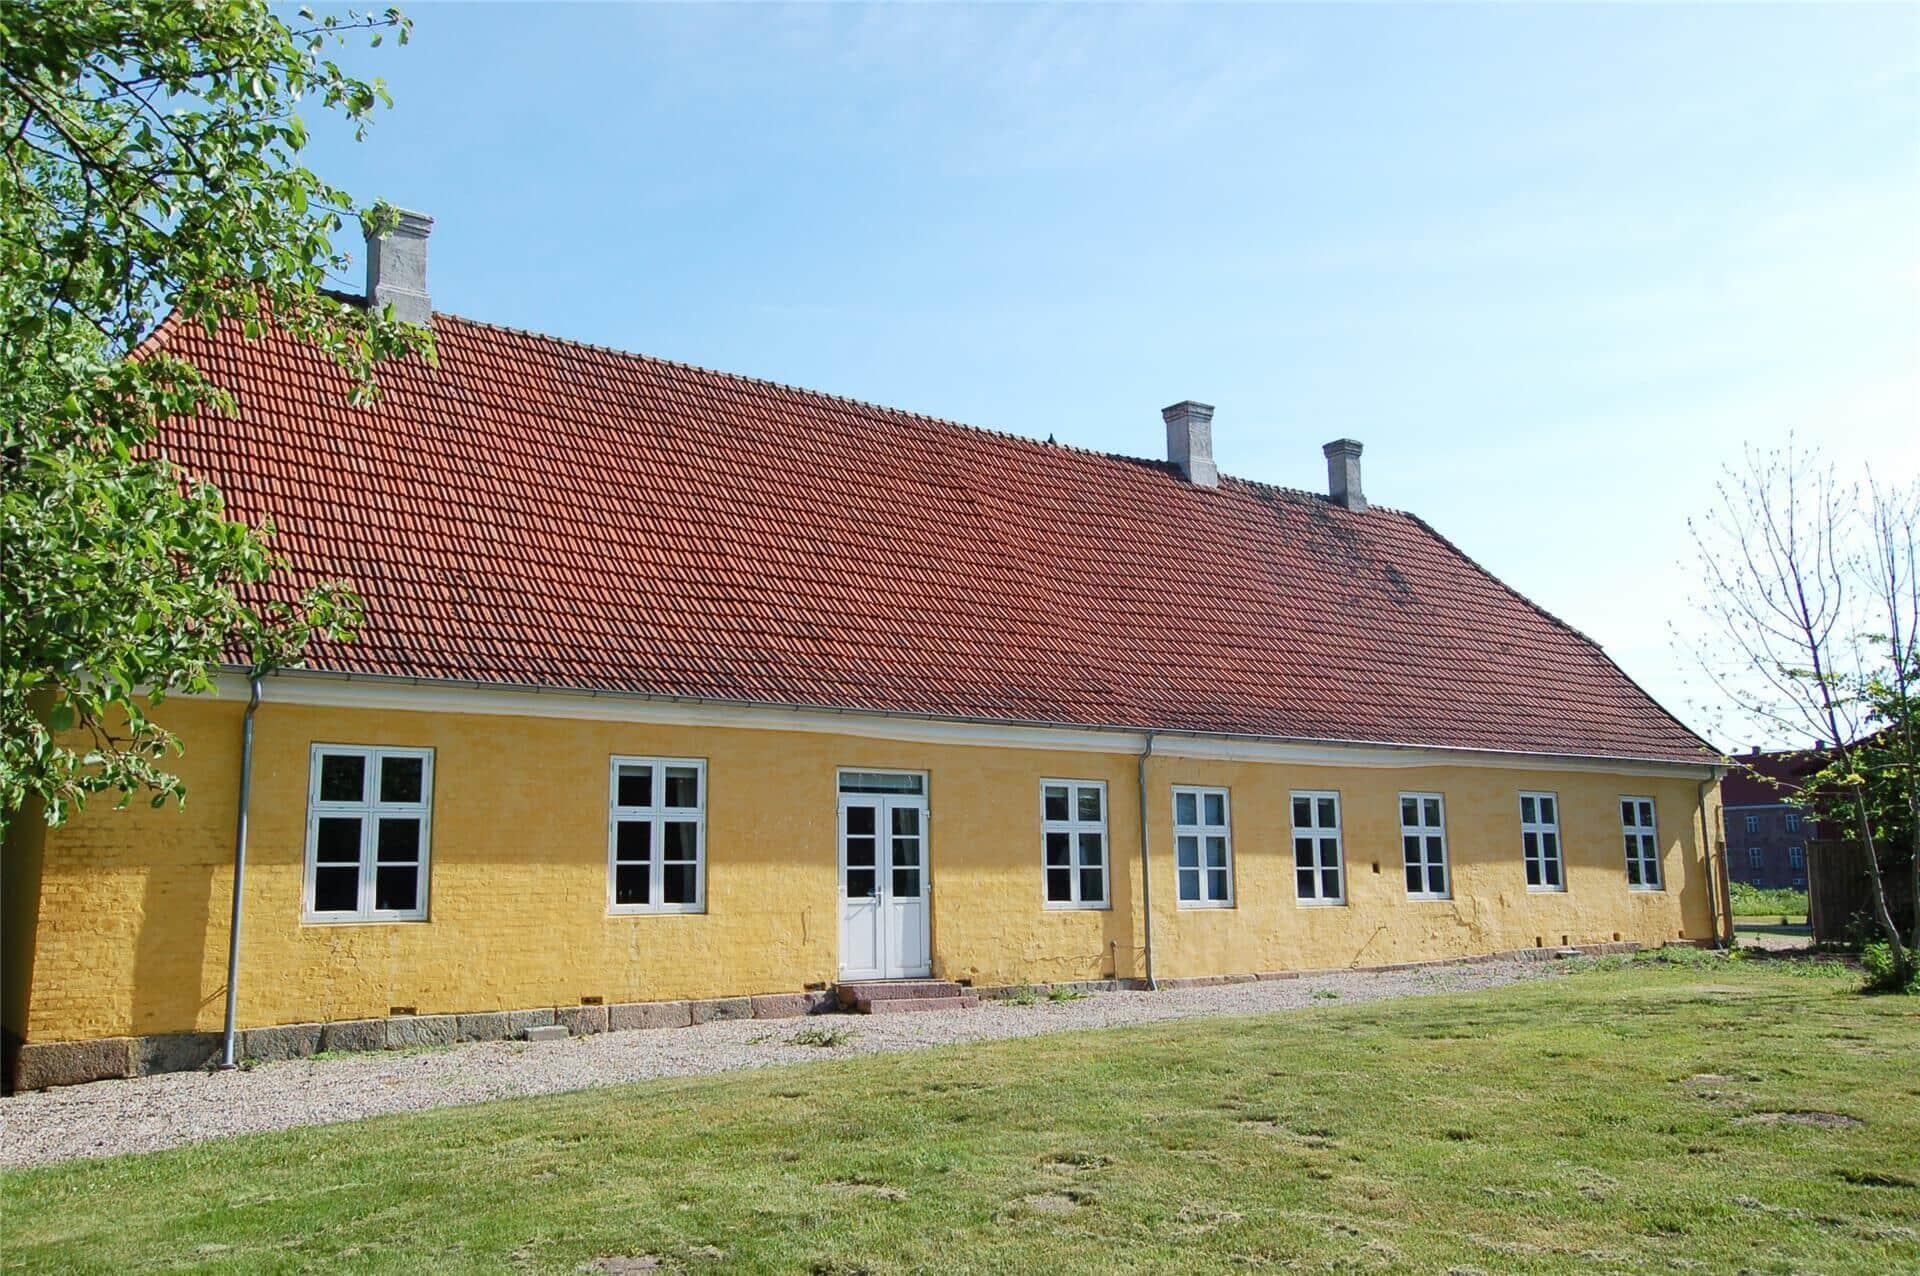 Billede 1-3 Sommerhus M65974, Sundsgårdsvej 4, DK - 5750 Ringe